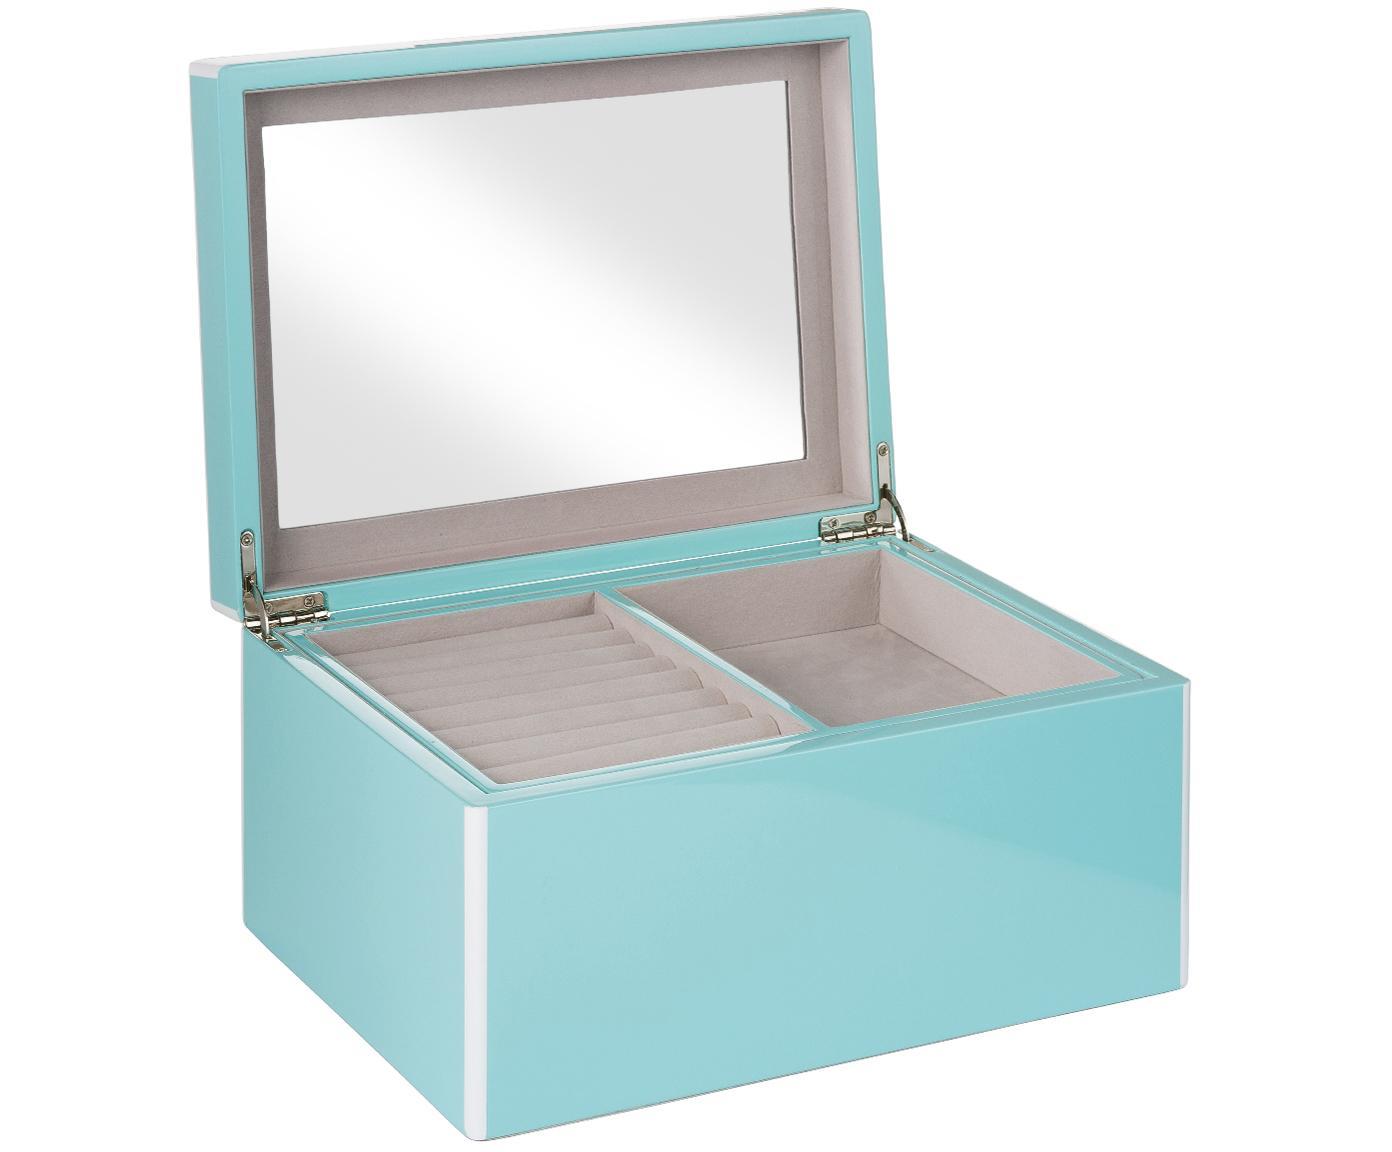 Sieradendoos Taylor met spiegel, Lichtblauw, 26 x 13 cm